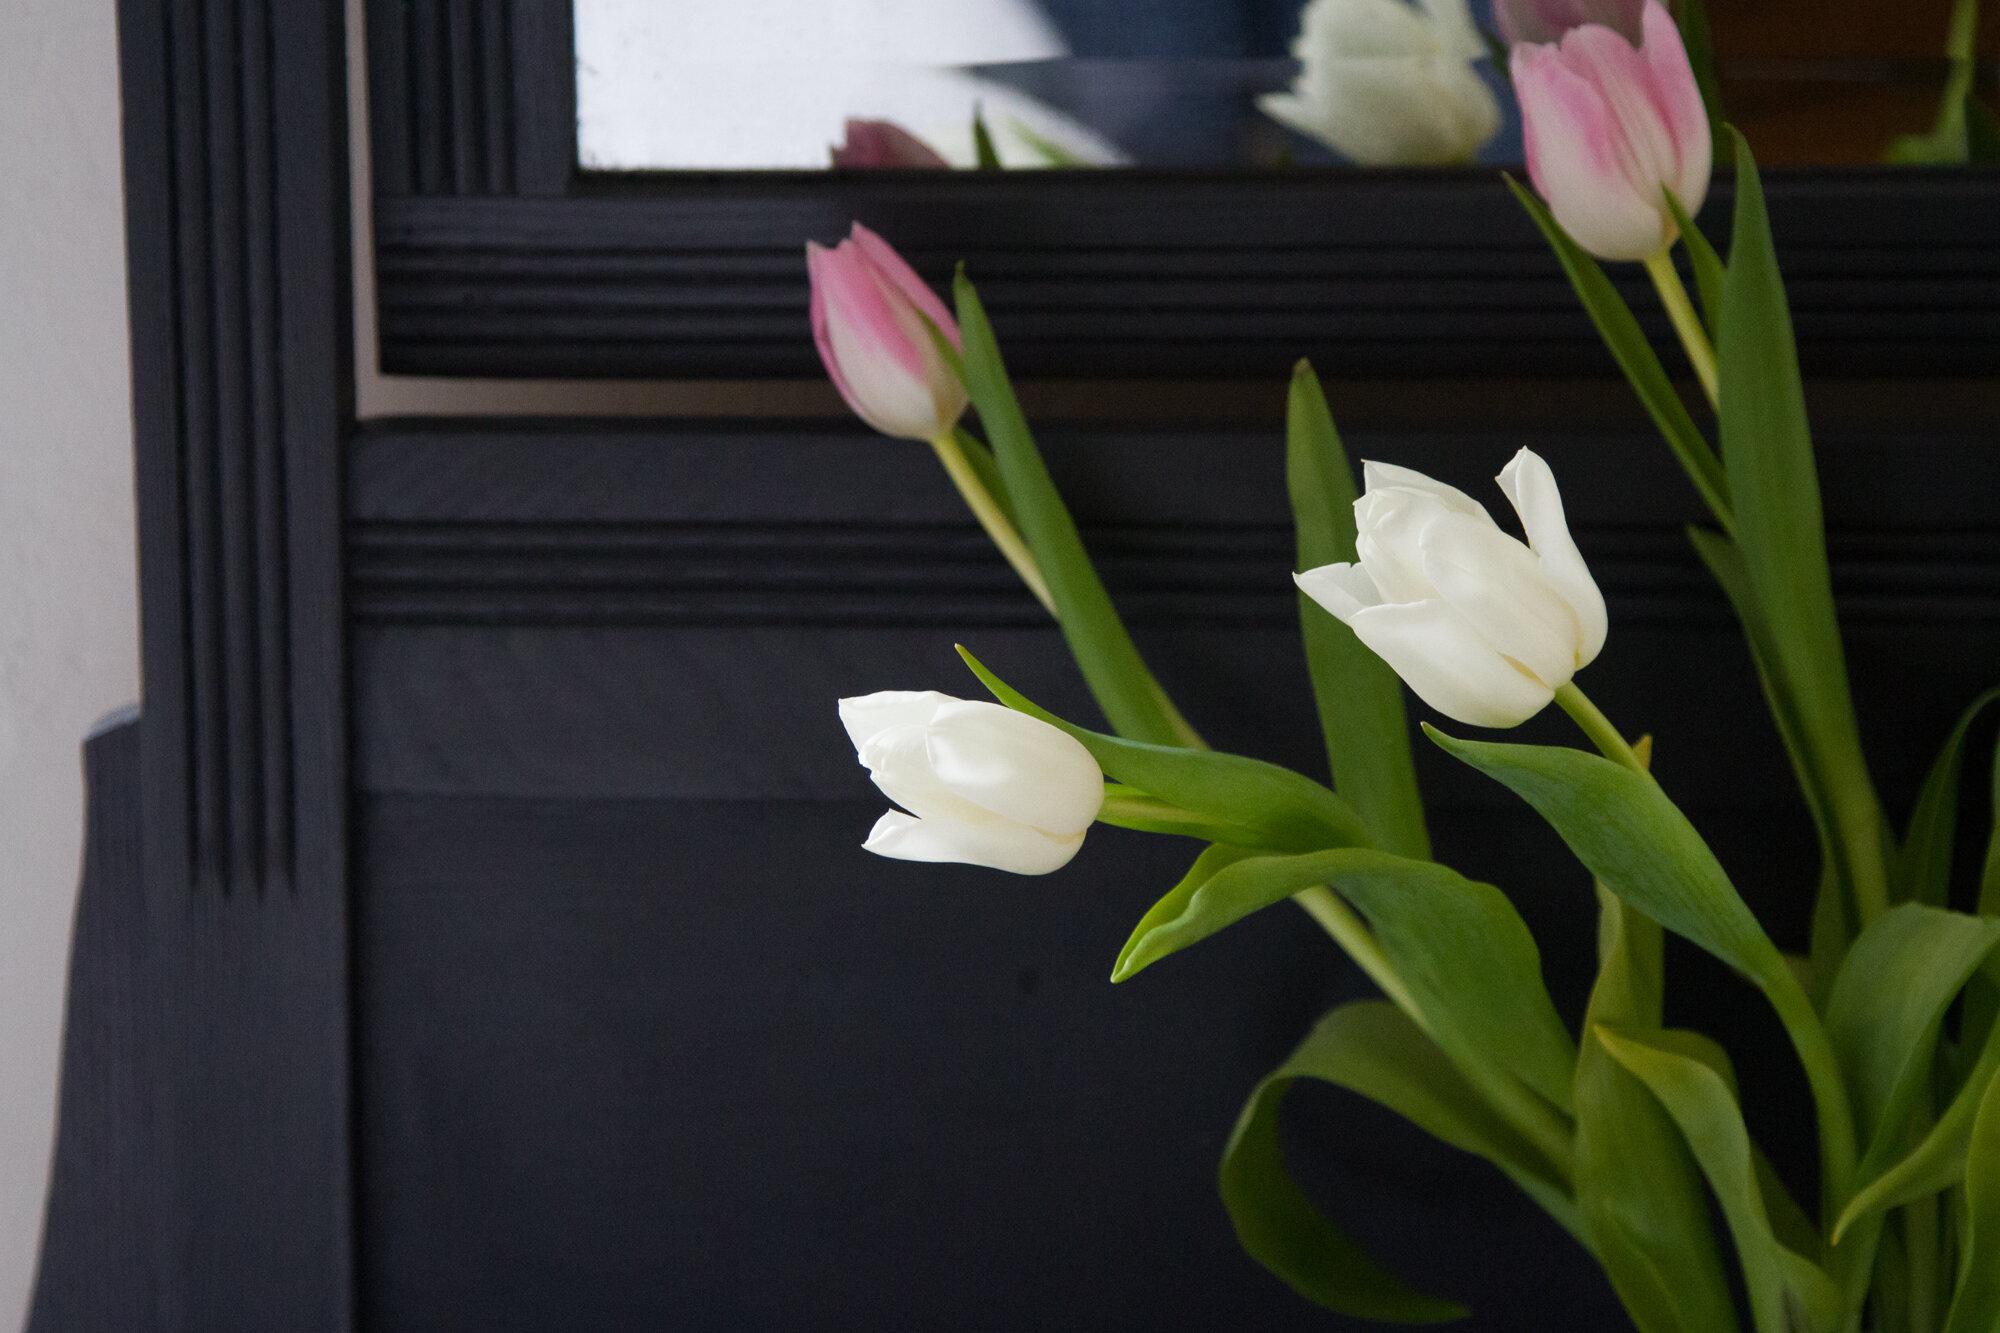 tulips | reading my tea leaves